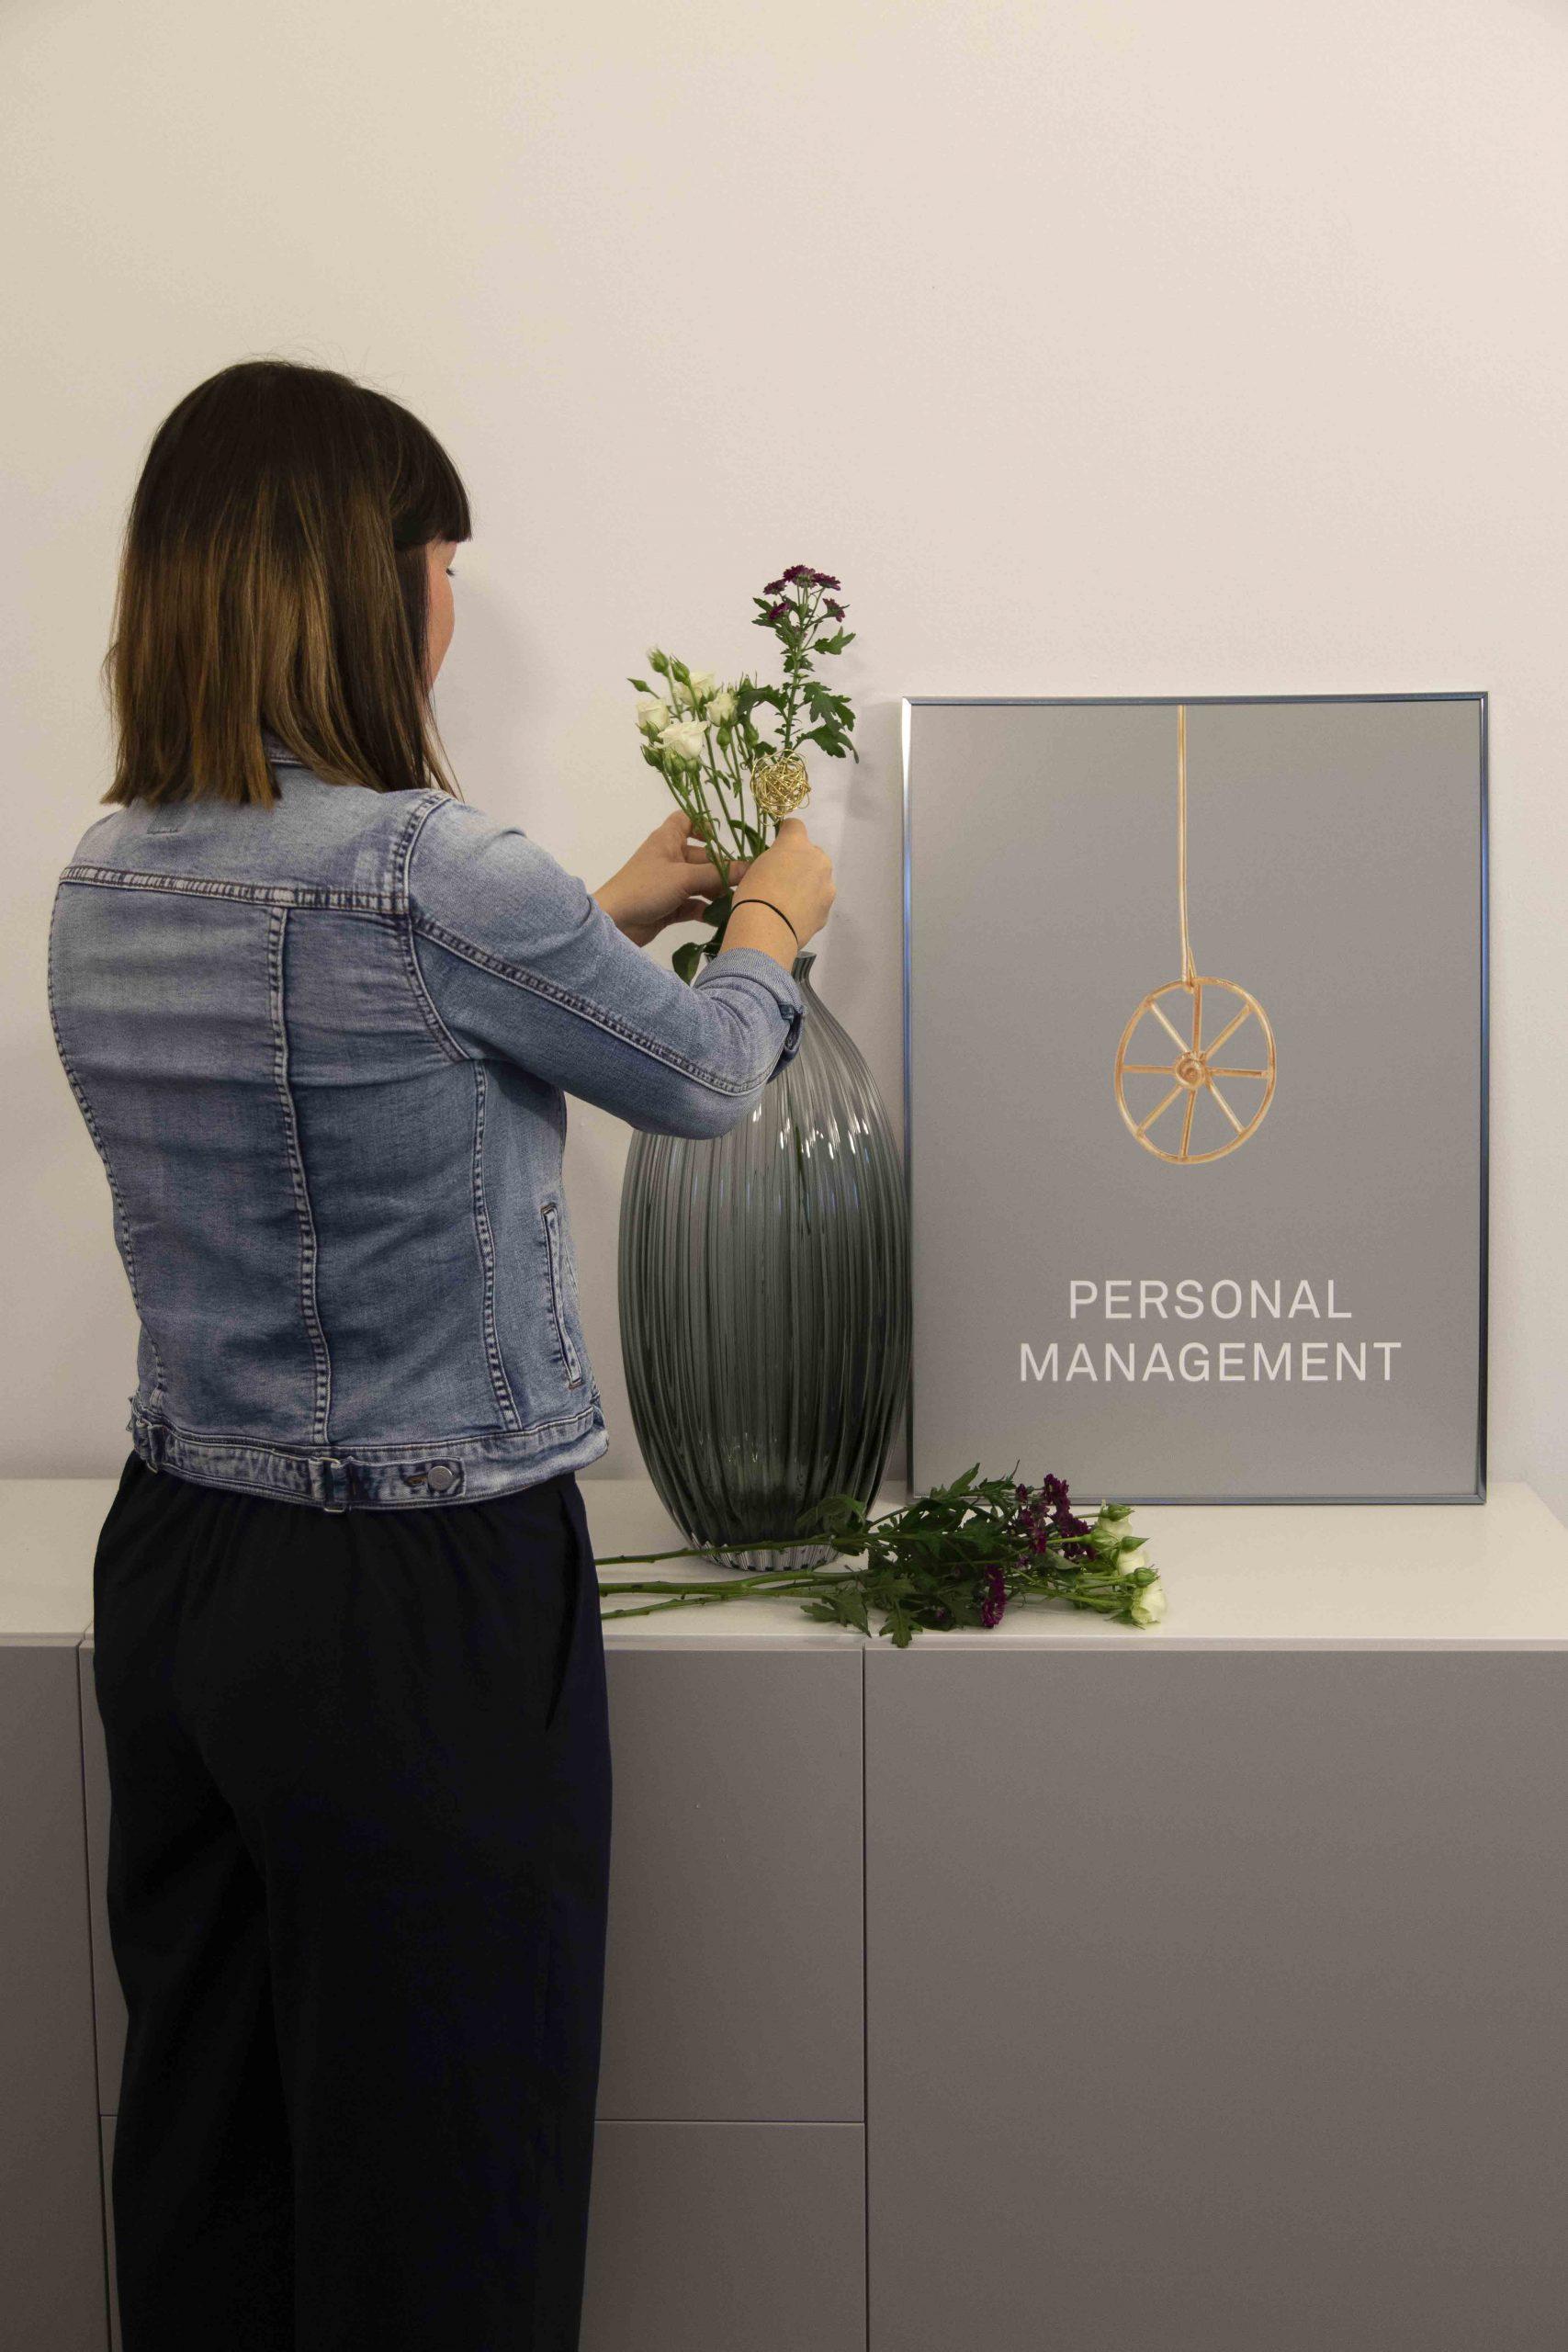 Personalberatung Konzett, Bayer und Co, studio spitzar